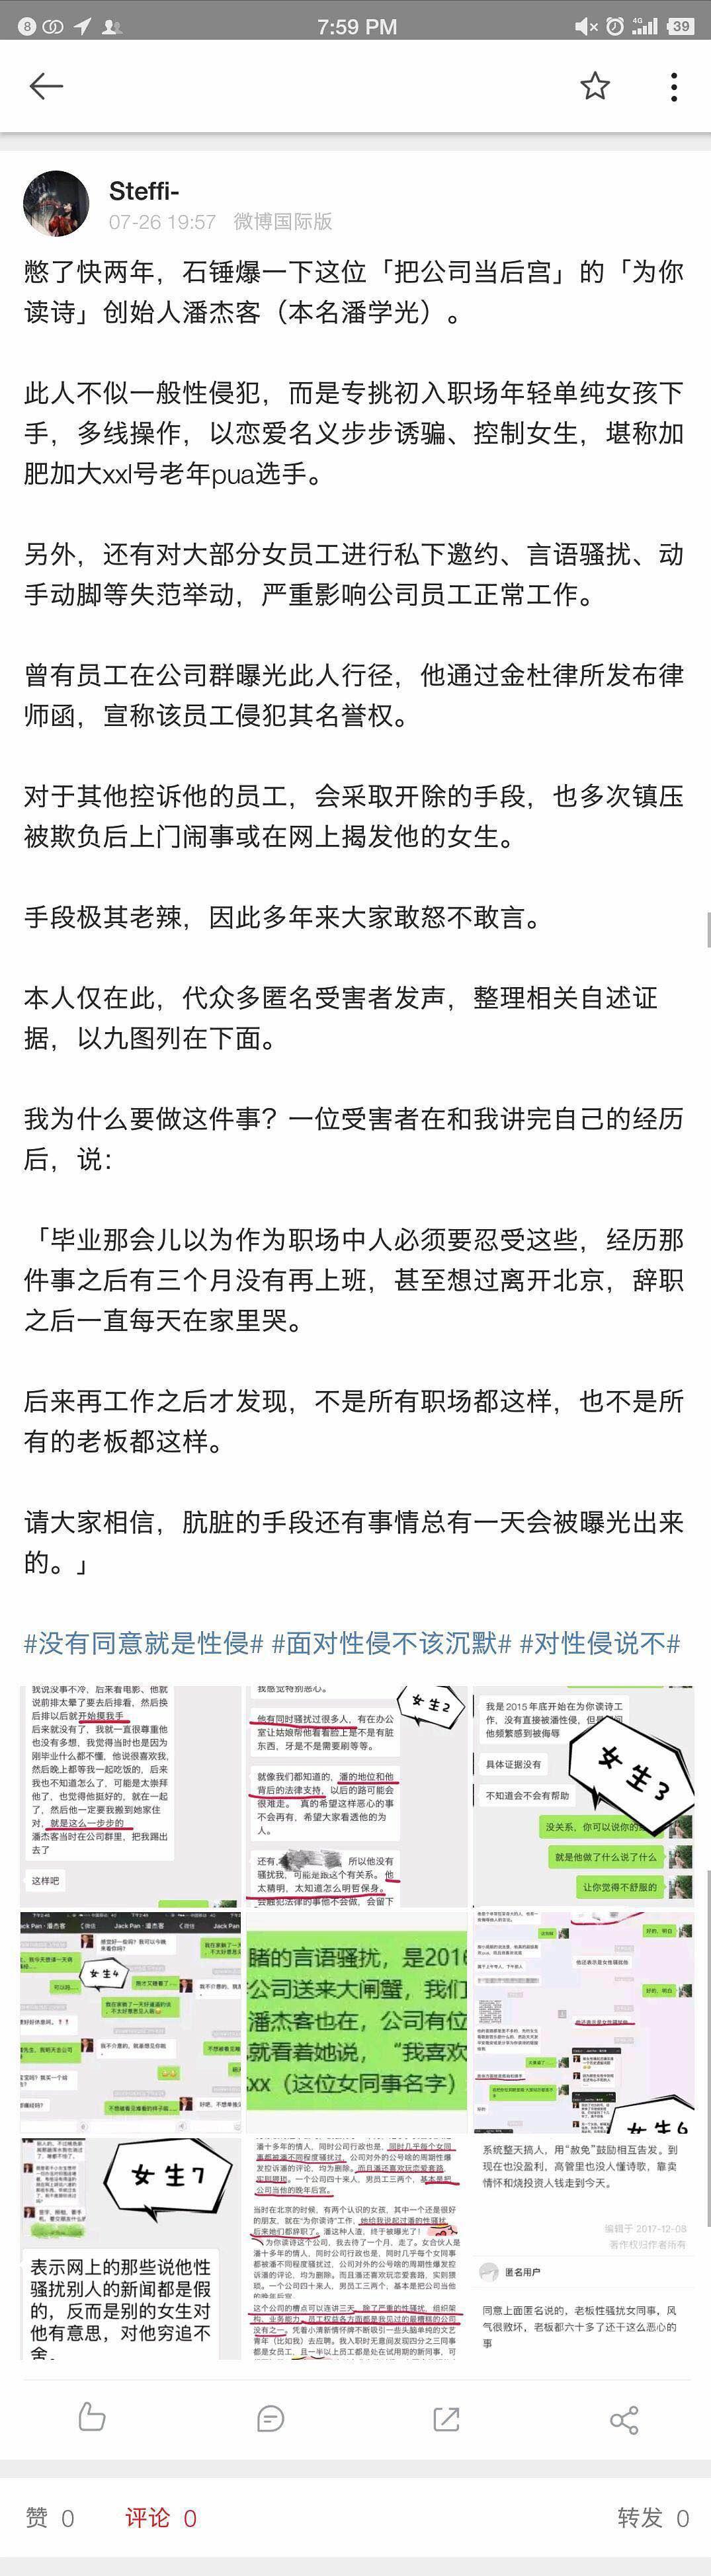 20180726-潘杰客-2-幸存者王佳莹微博.jpeg